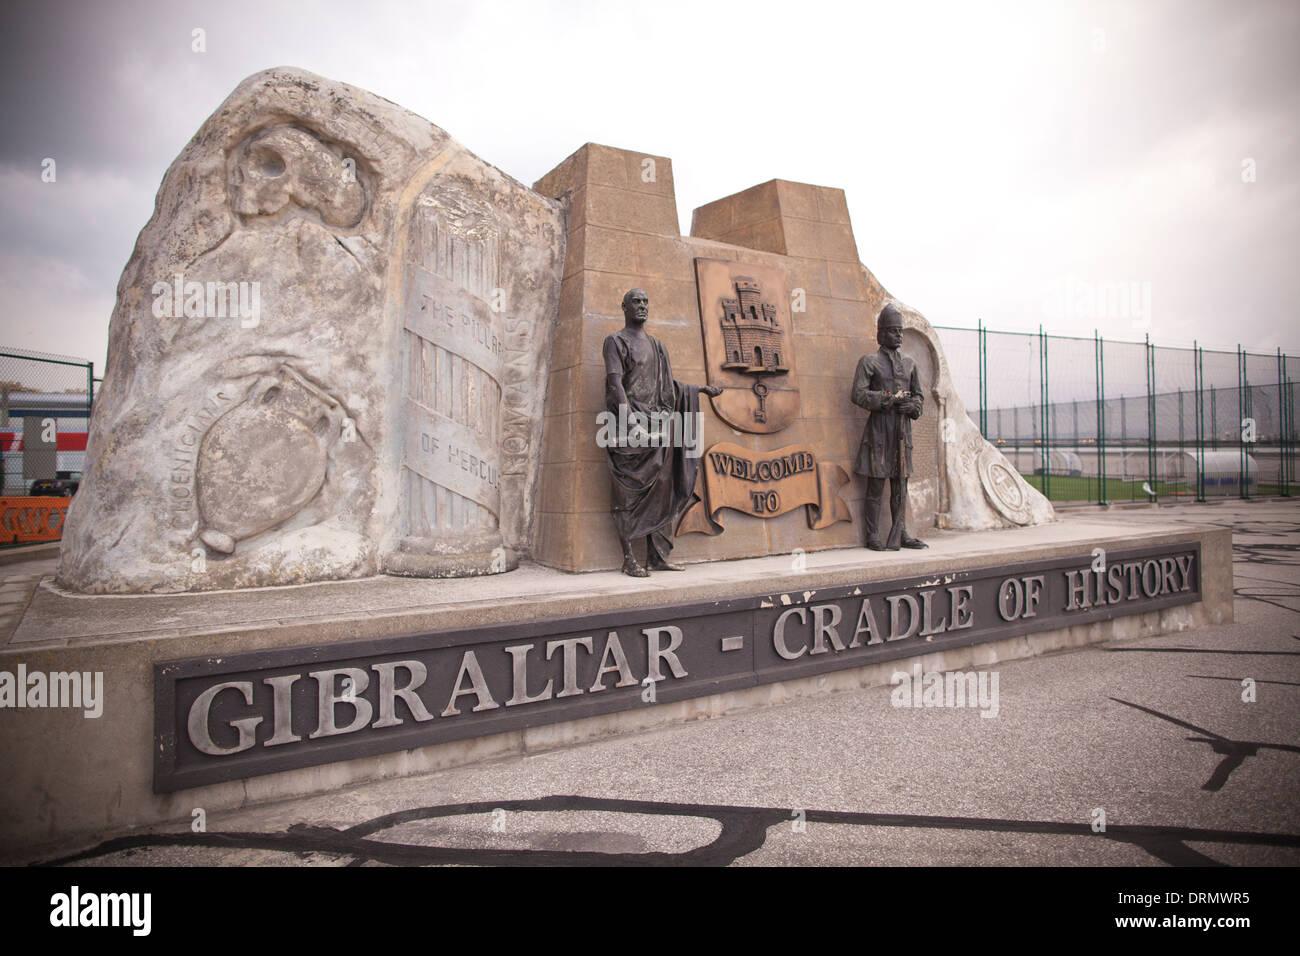 La cuna de la historia. Gibraltar monumento en la forma de la roca a la entrada de Gibraltar, Territorio de Ultramar del Reino Unido. Imagen De Stock